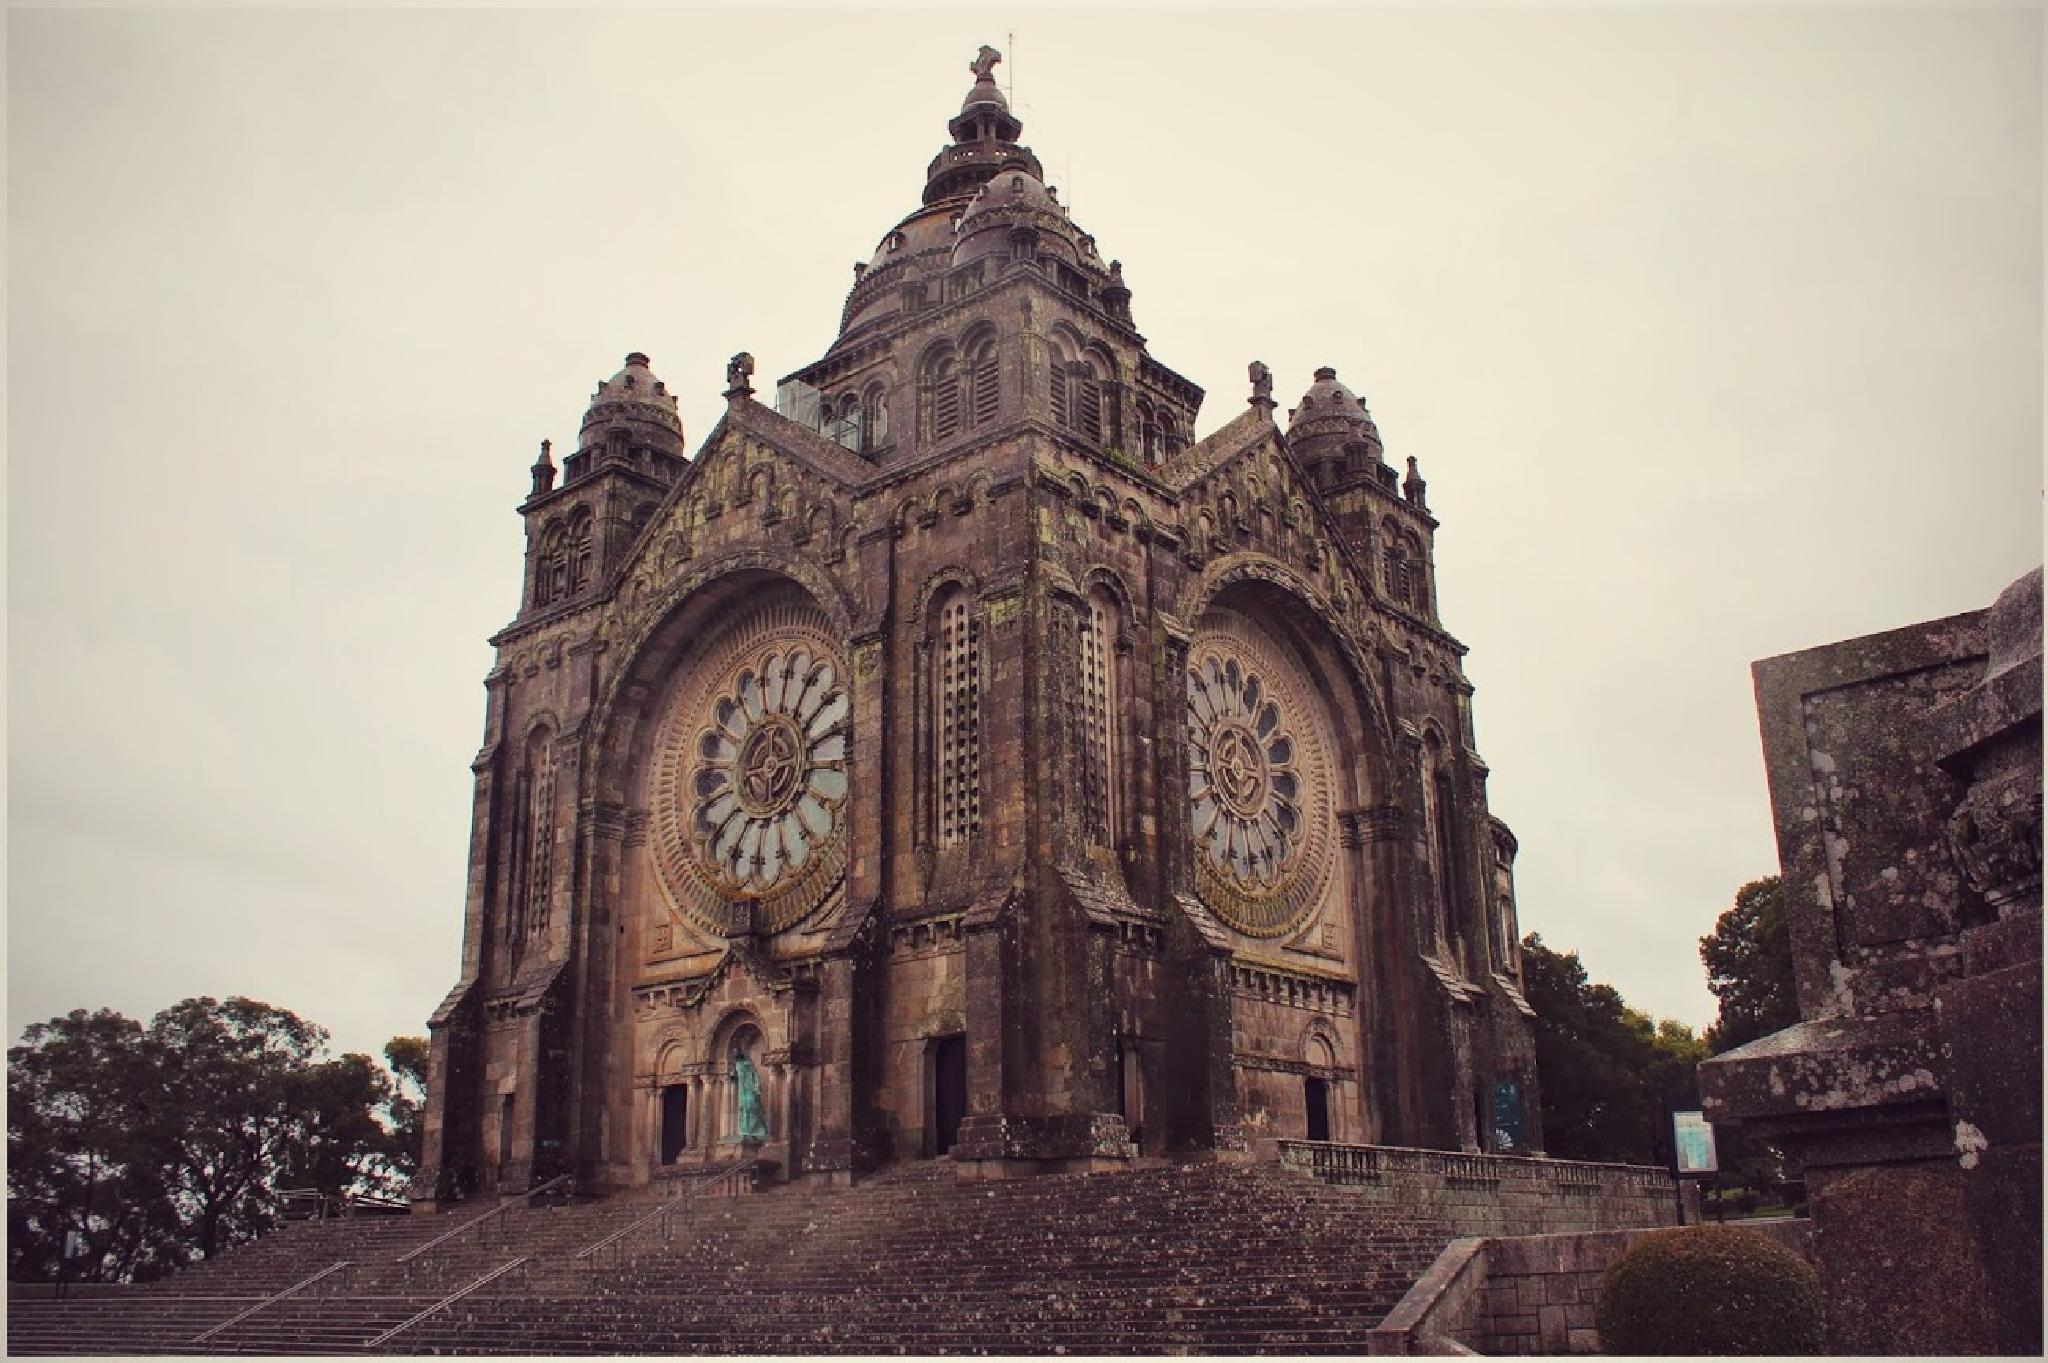 Viana do Castelo by nilsonpilao